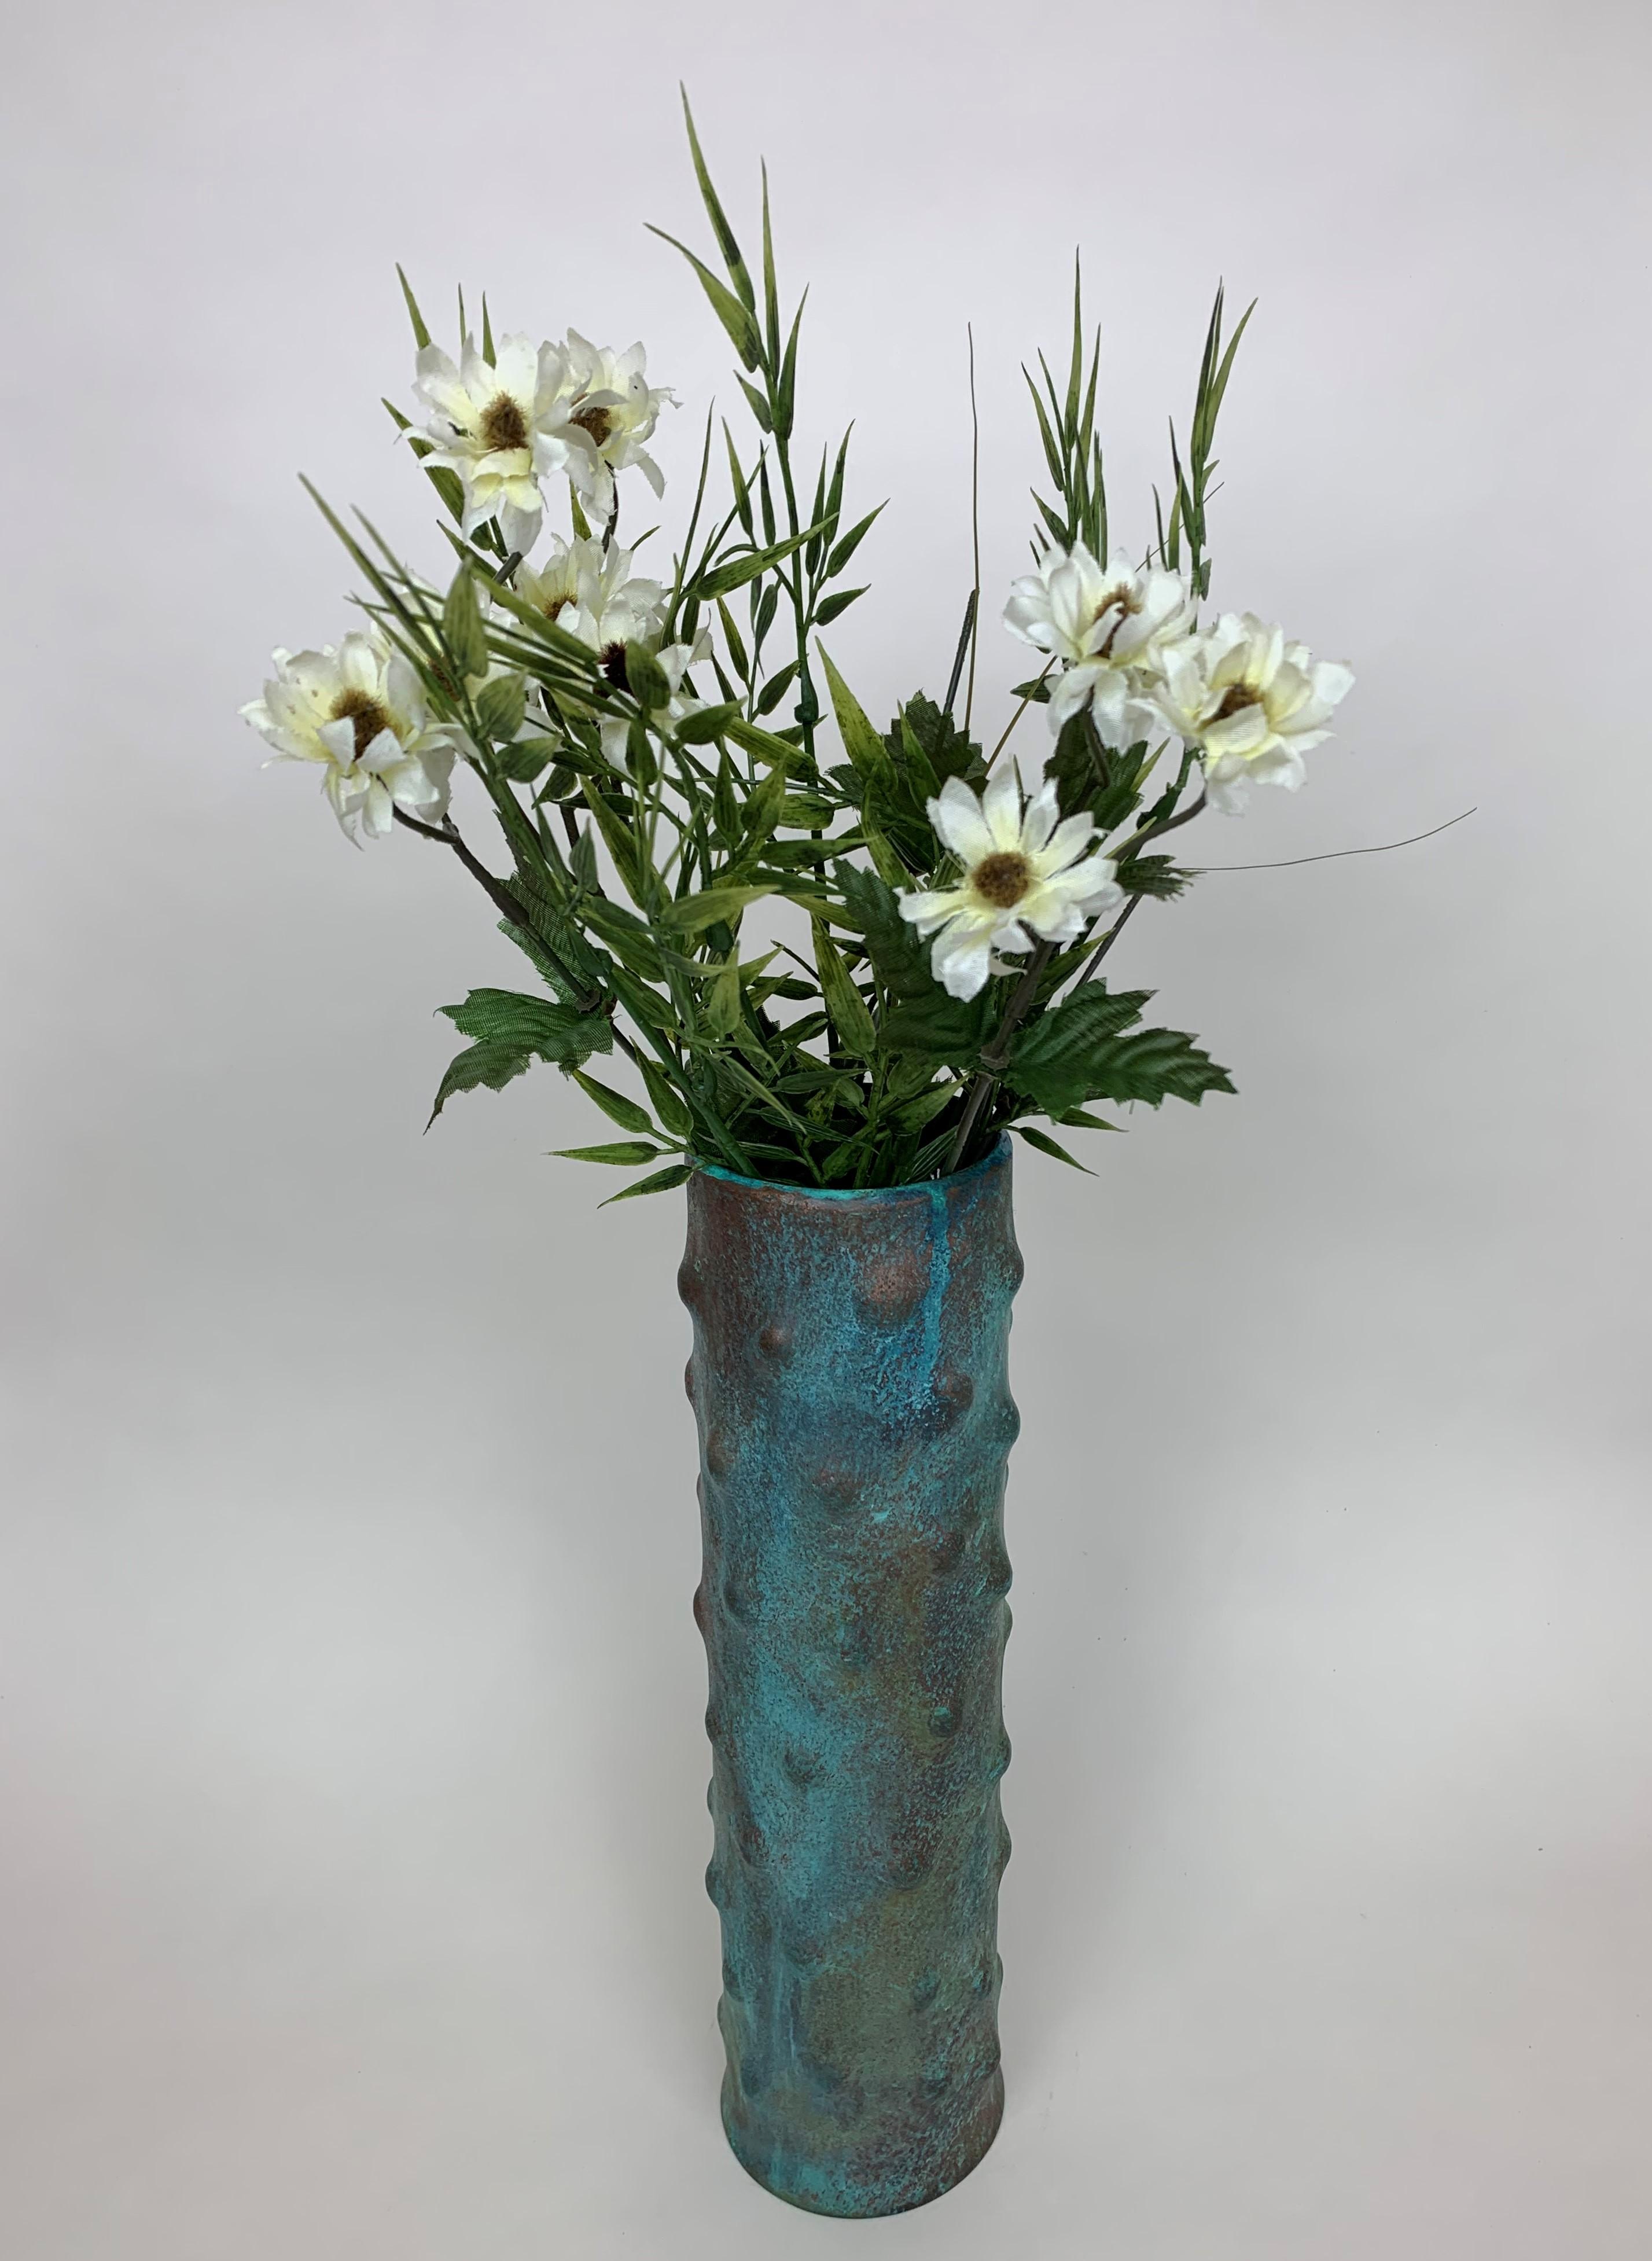 Pipe Organ Coral Full Vase (Vg)